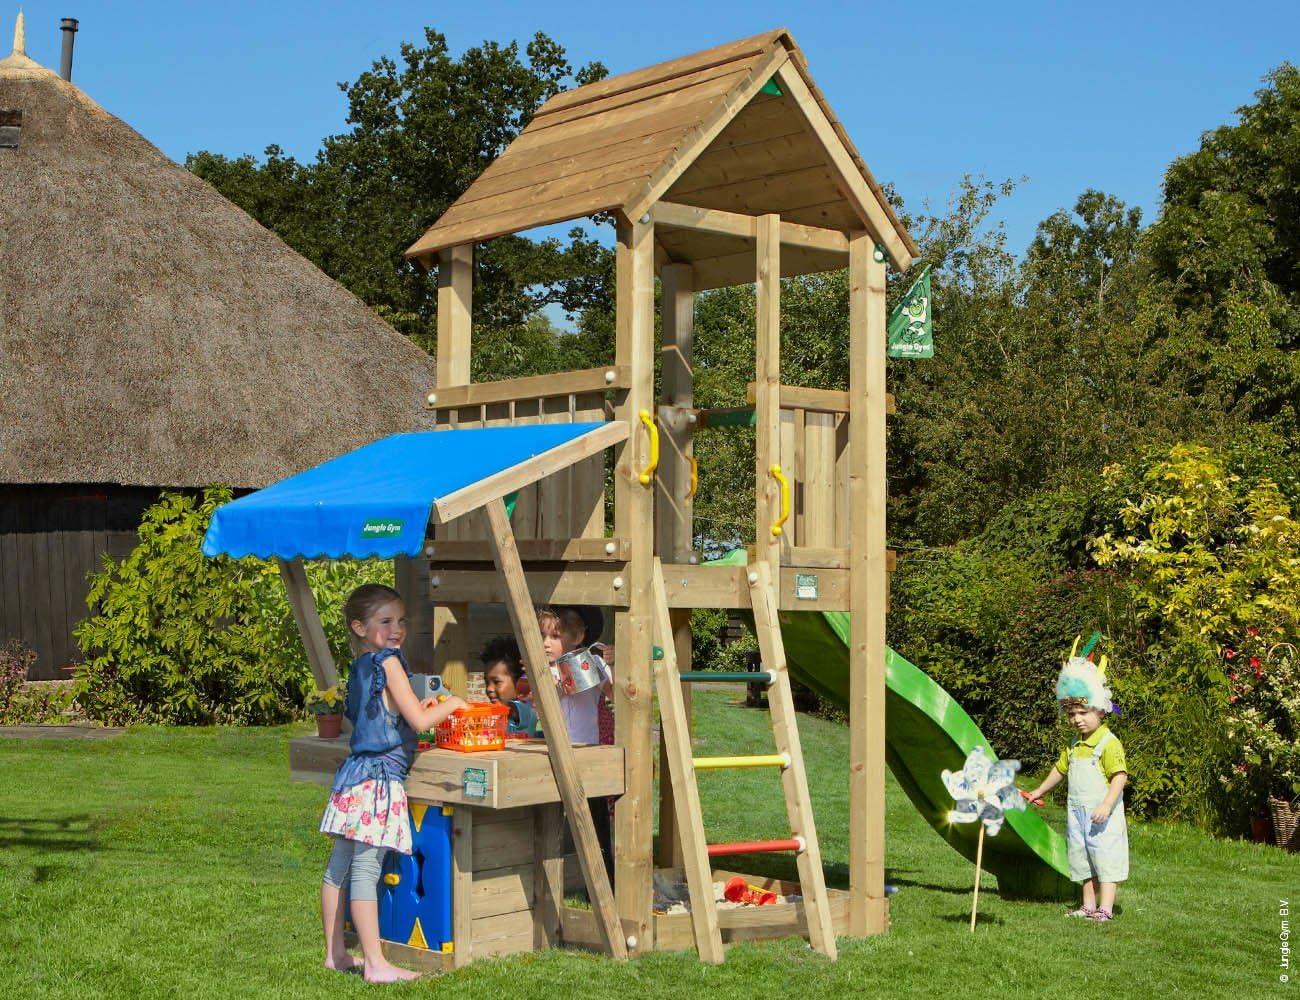 Jungle Gym Club Mini Market Verde Parques Infantiles de Madera para Jardin con Tobogan: Amazon.es: Juguetes y juegos